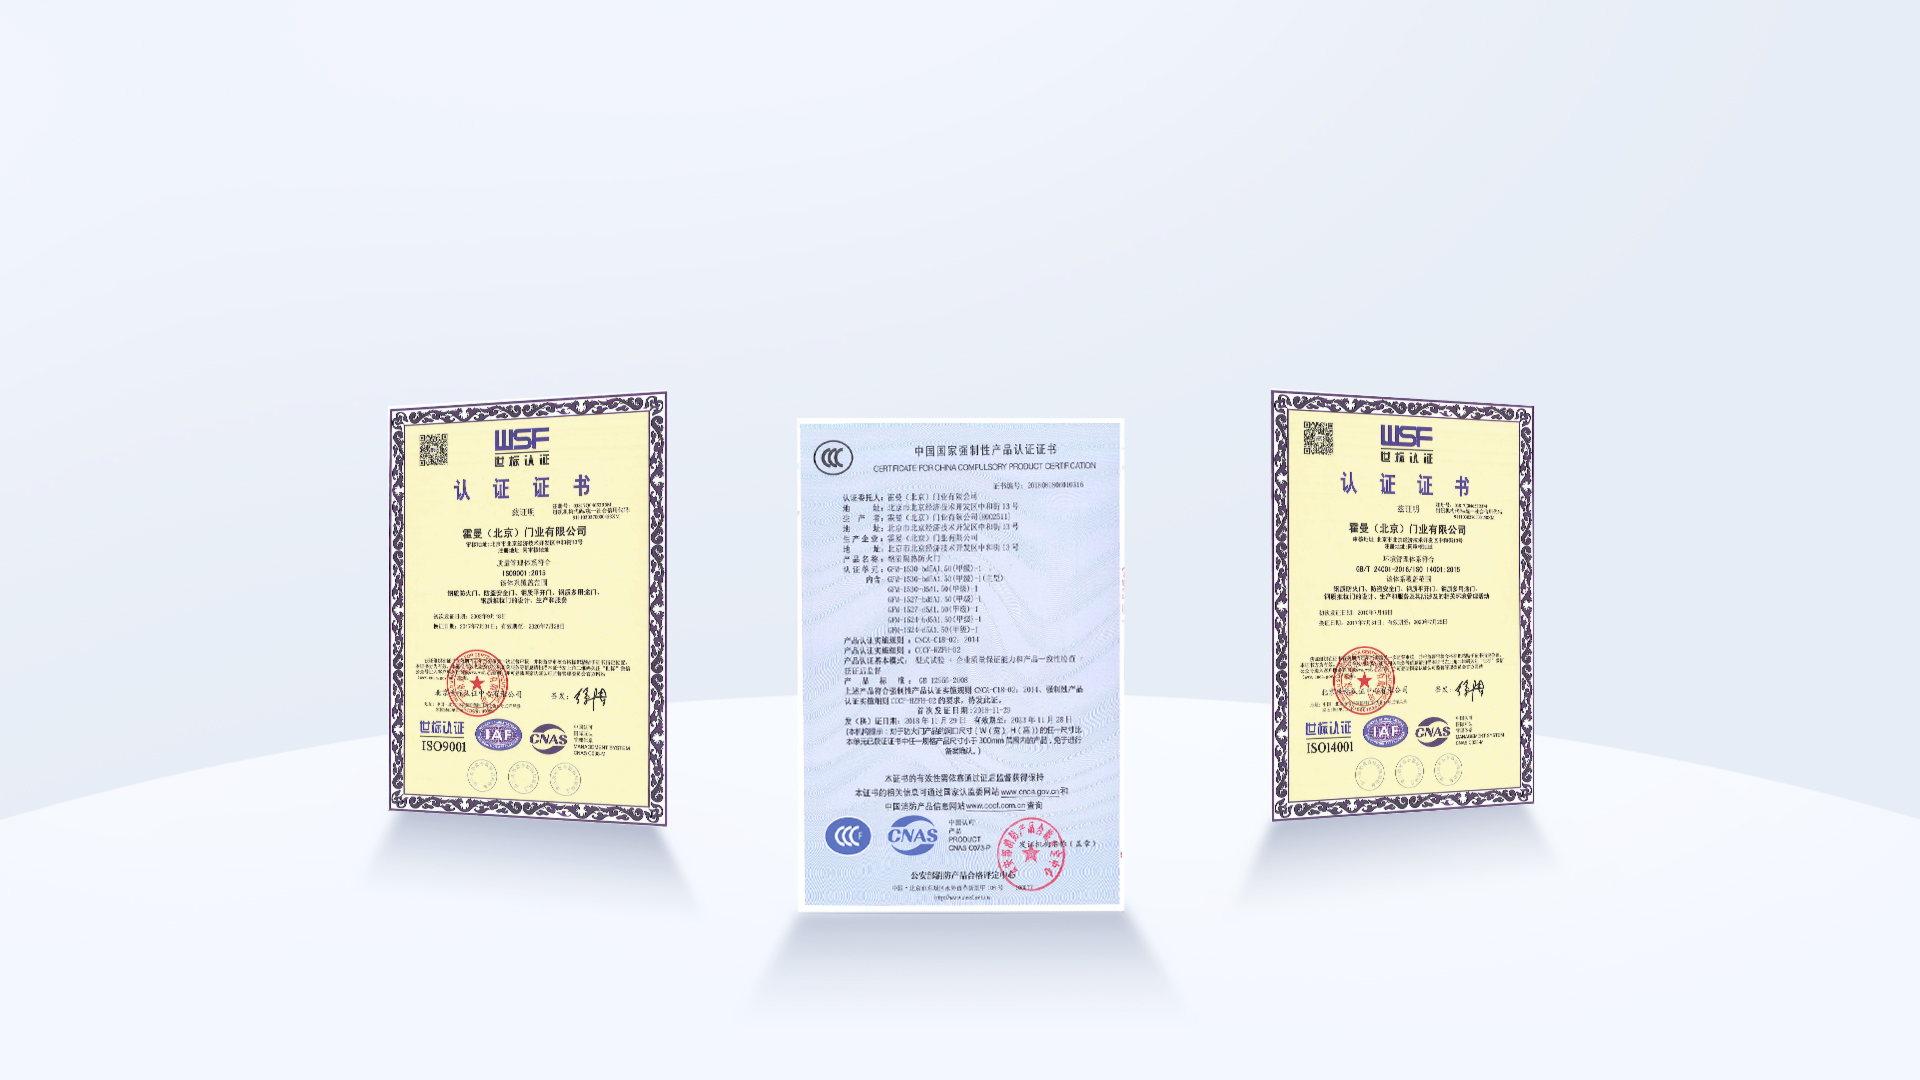 世标质量证书、世标环境证书、3C产品认证证书